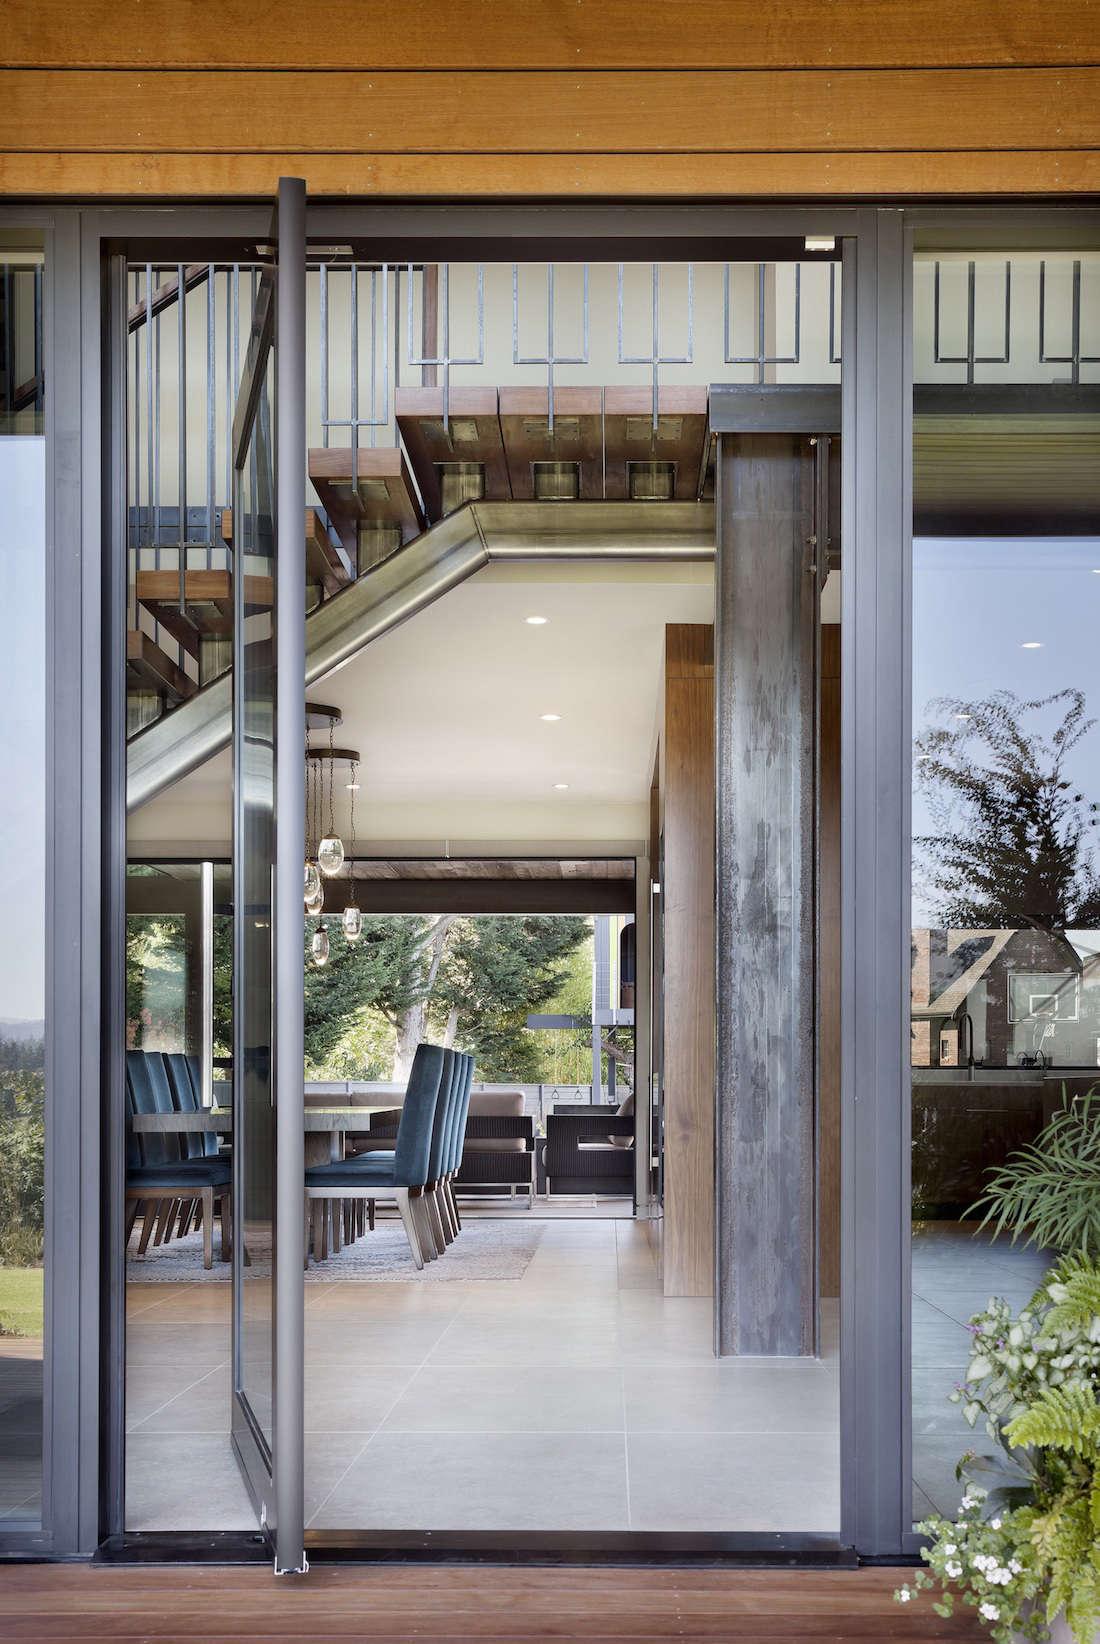 Pivot doors off the house encourage an indoor-outdoor flow.